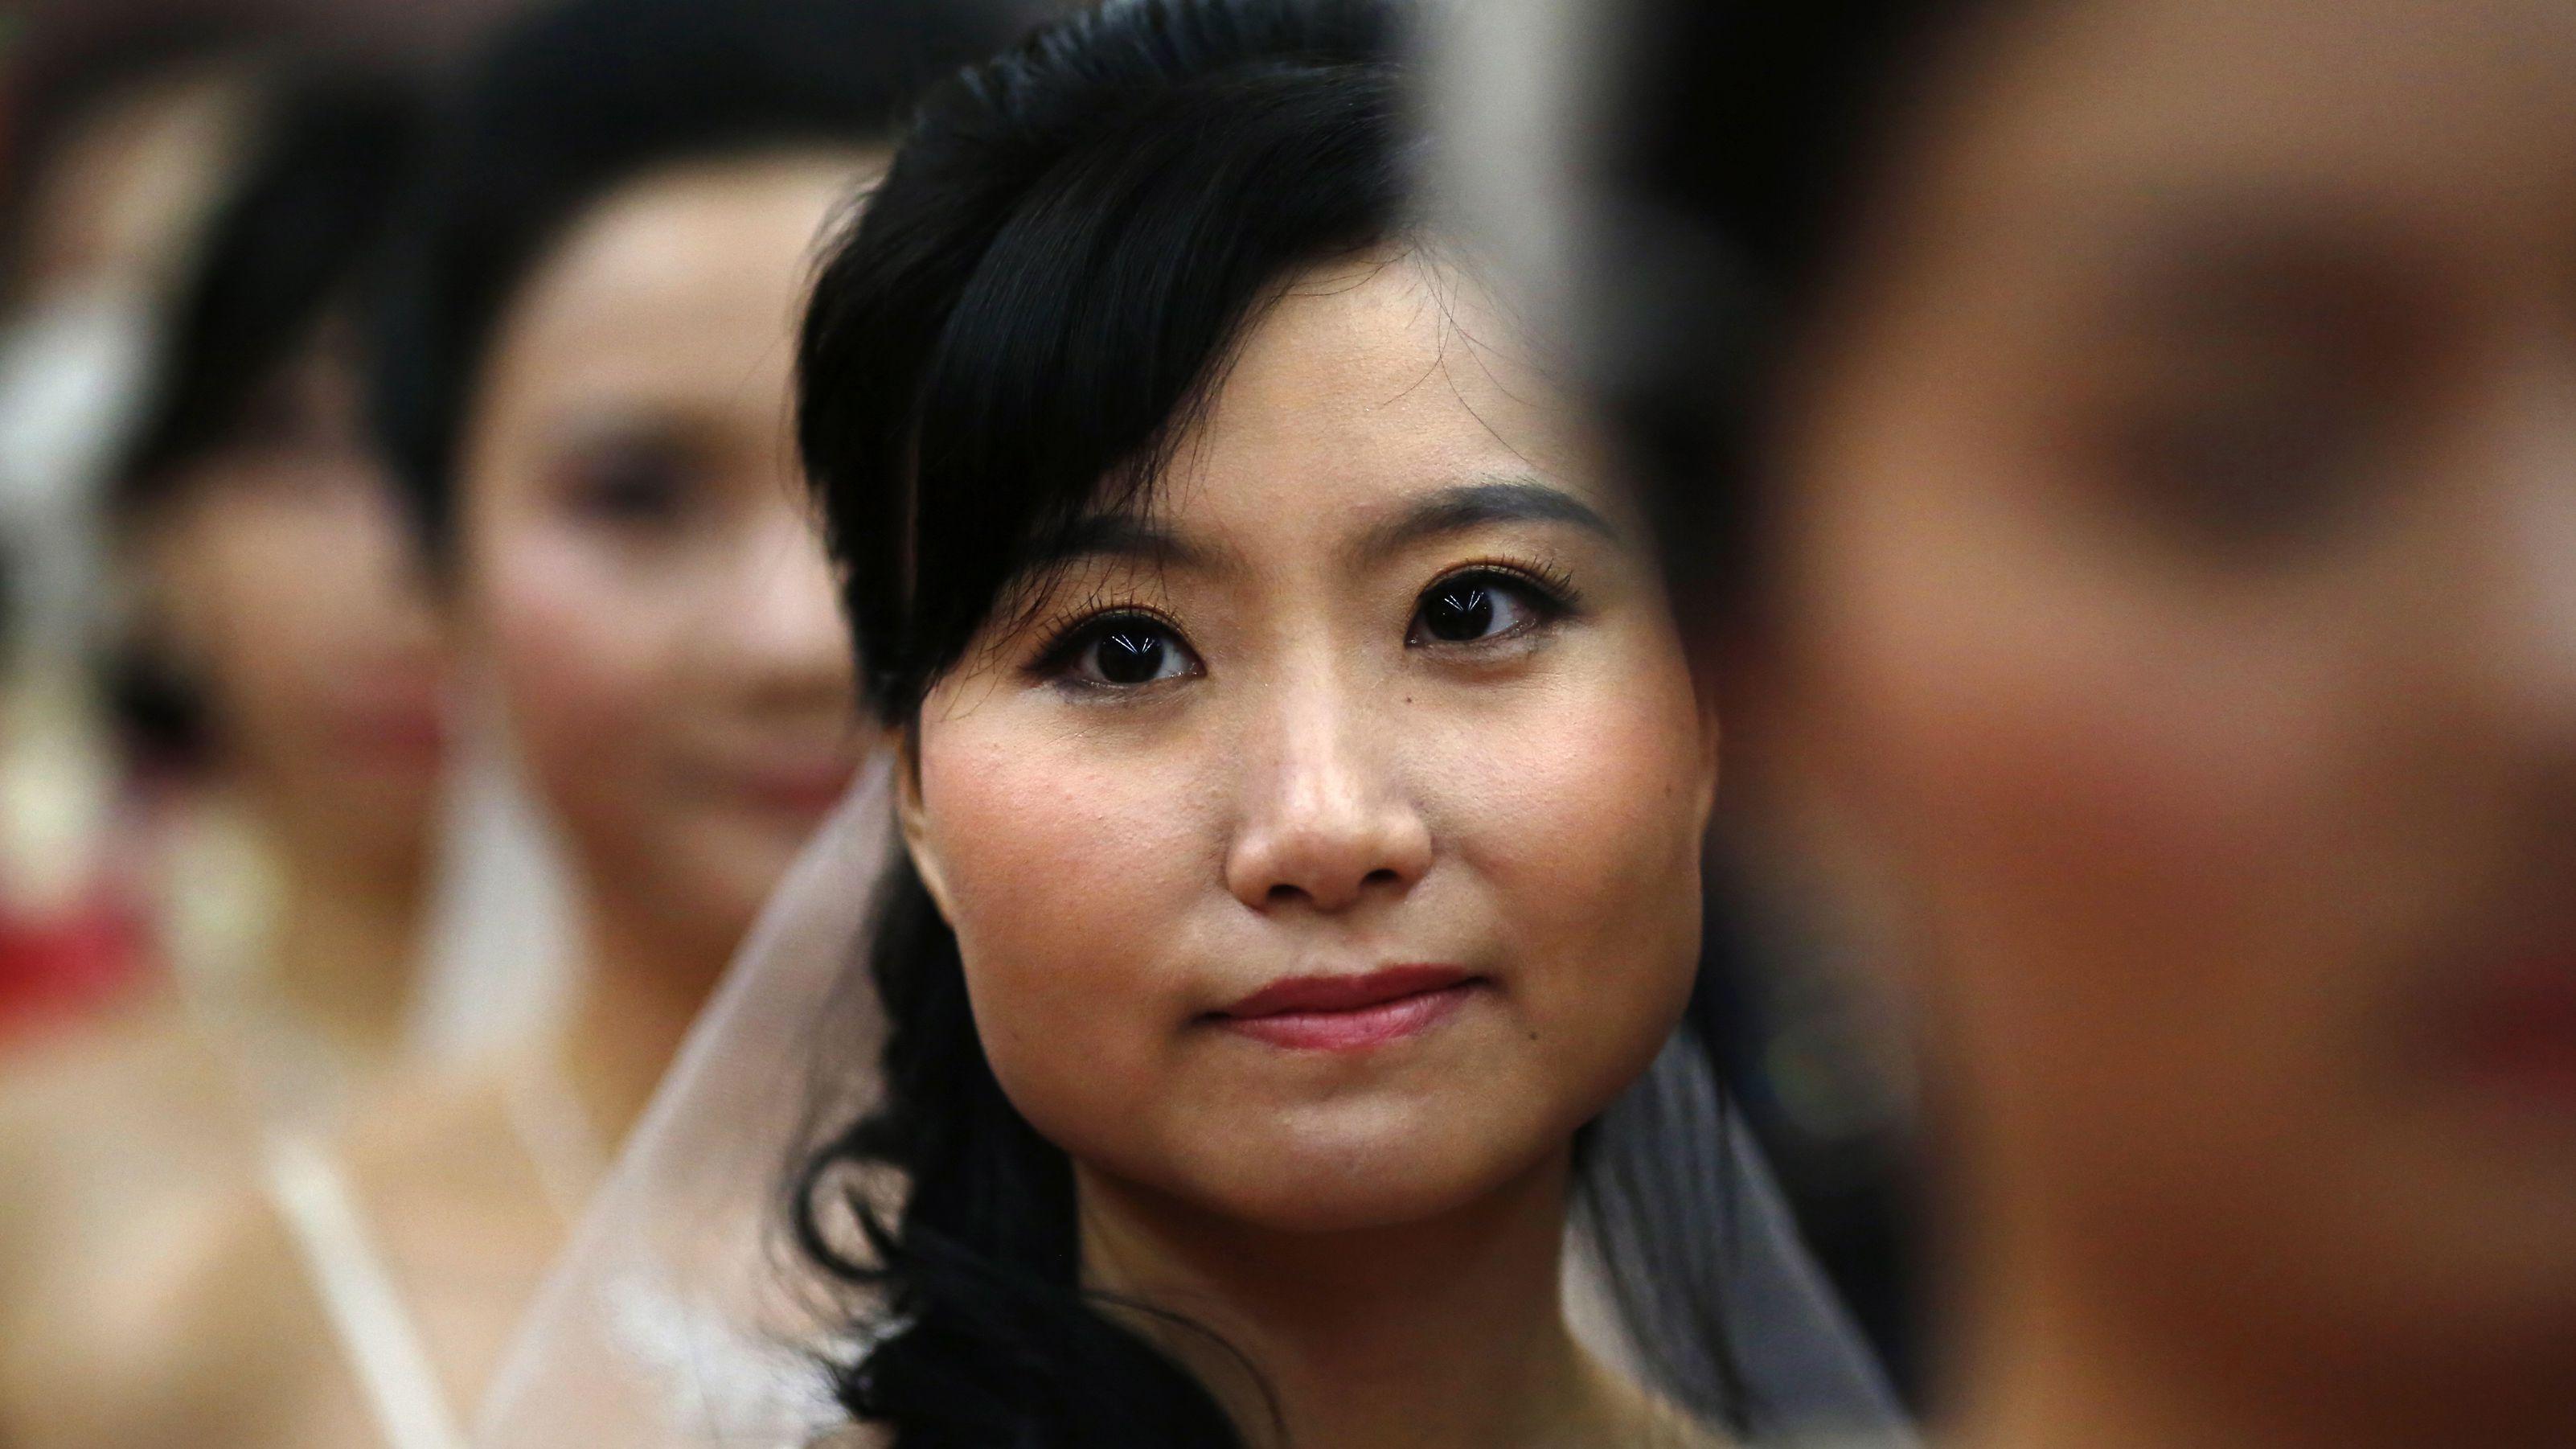 Choosing foreign women